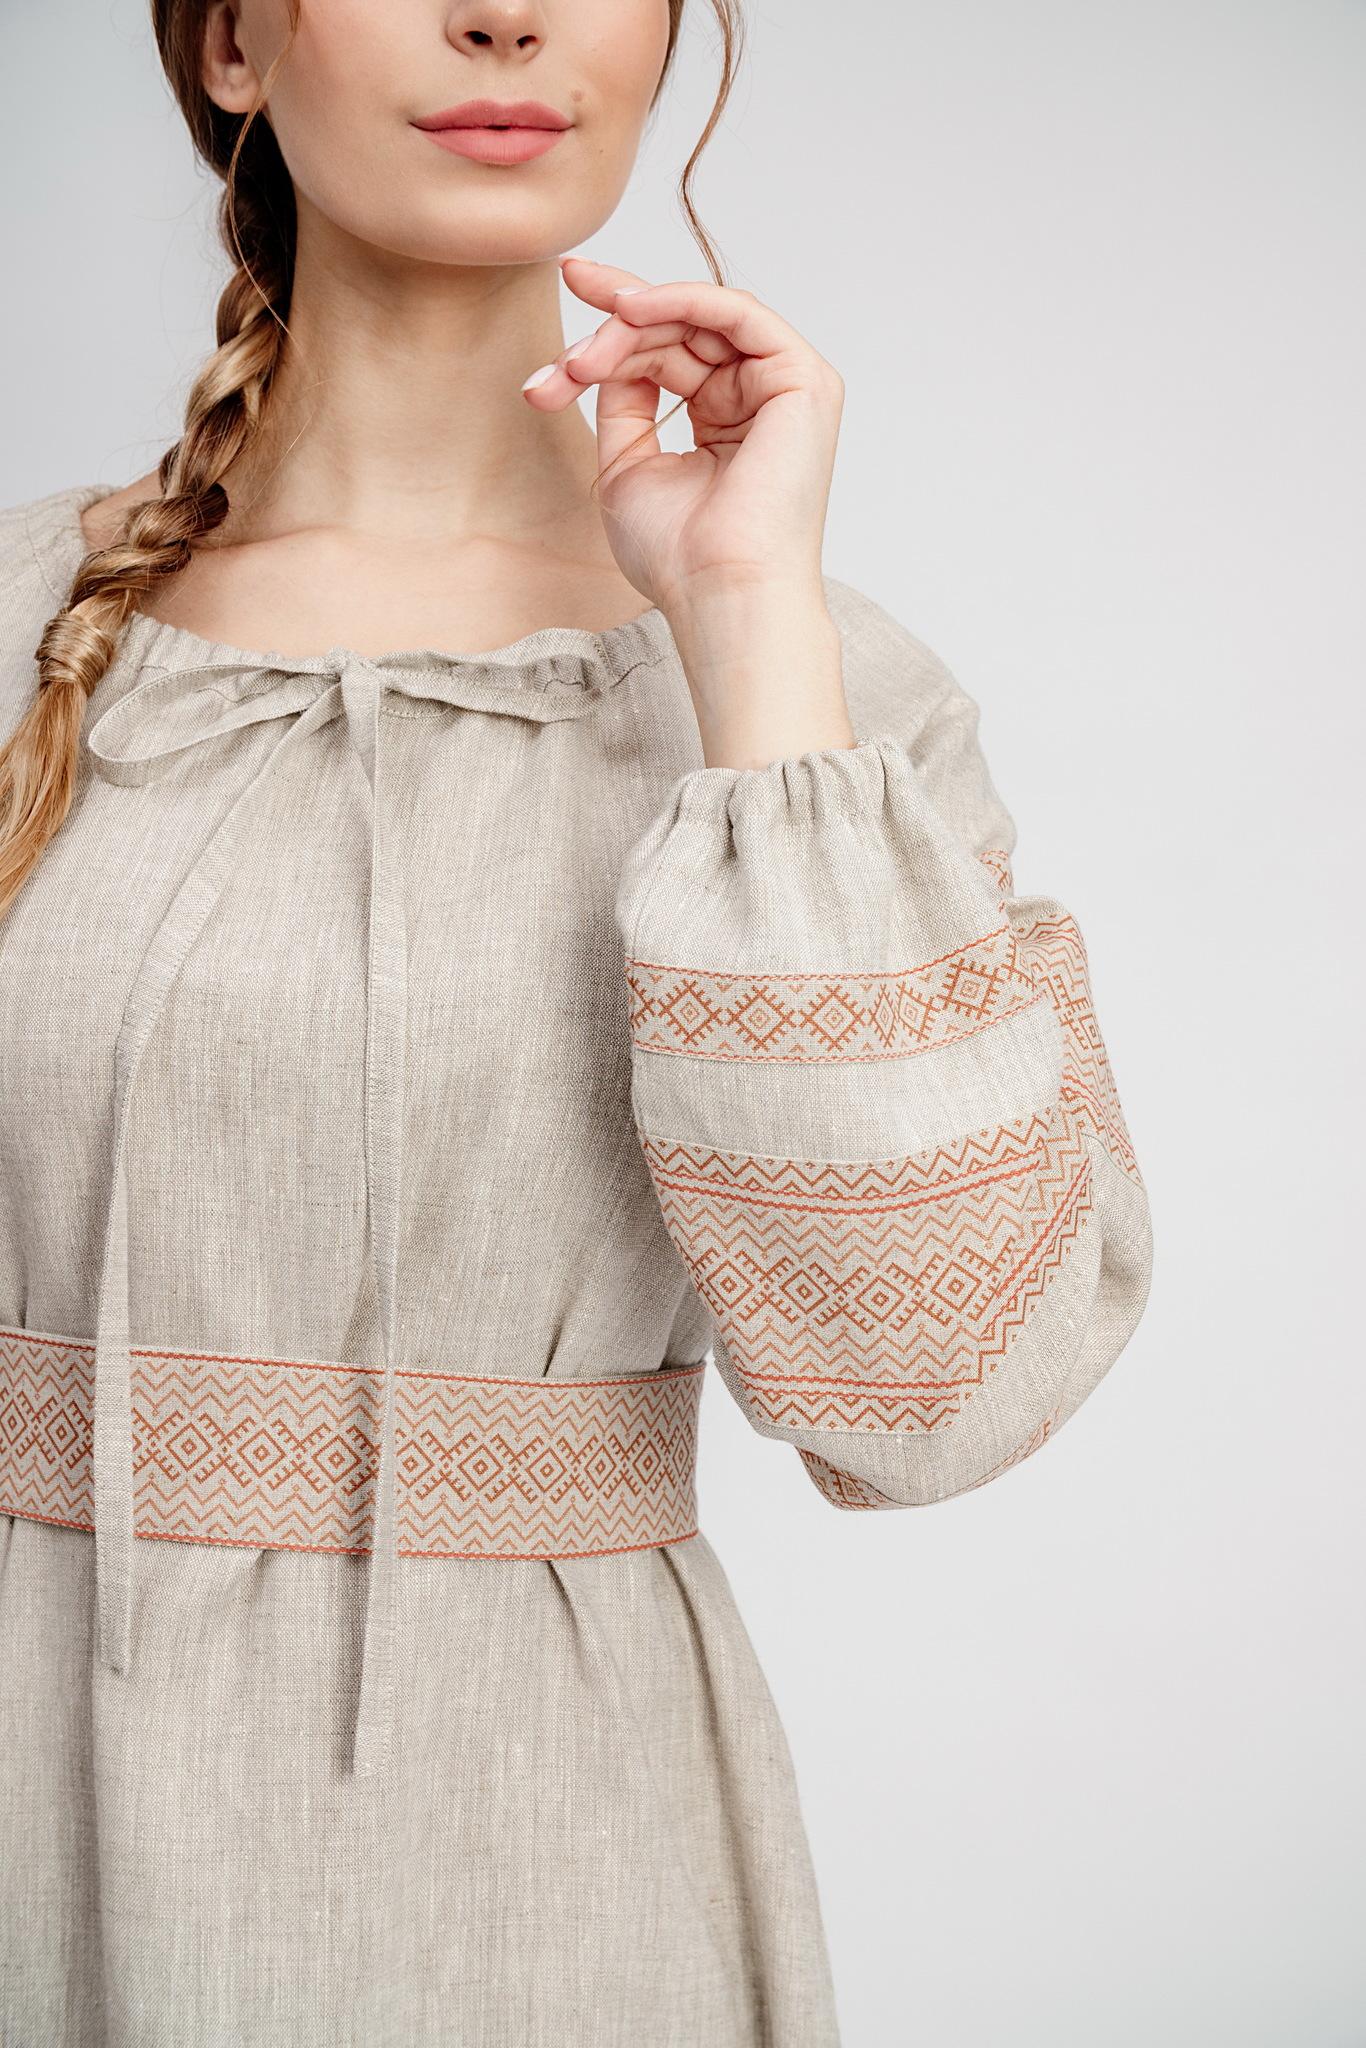 Славянское платье из льна Лада